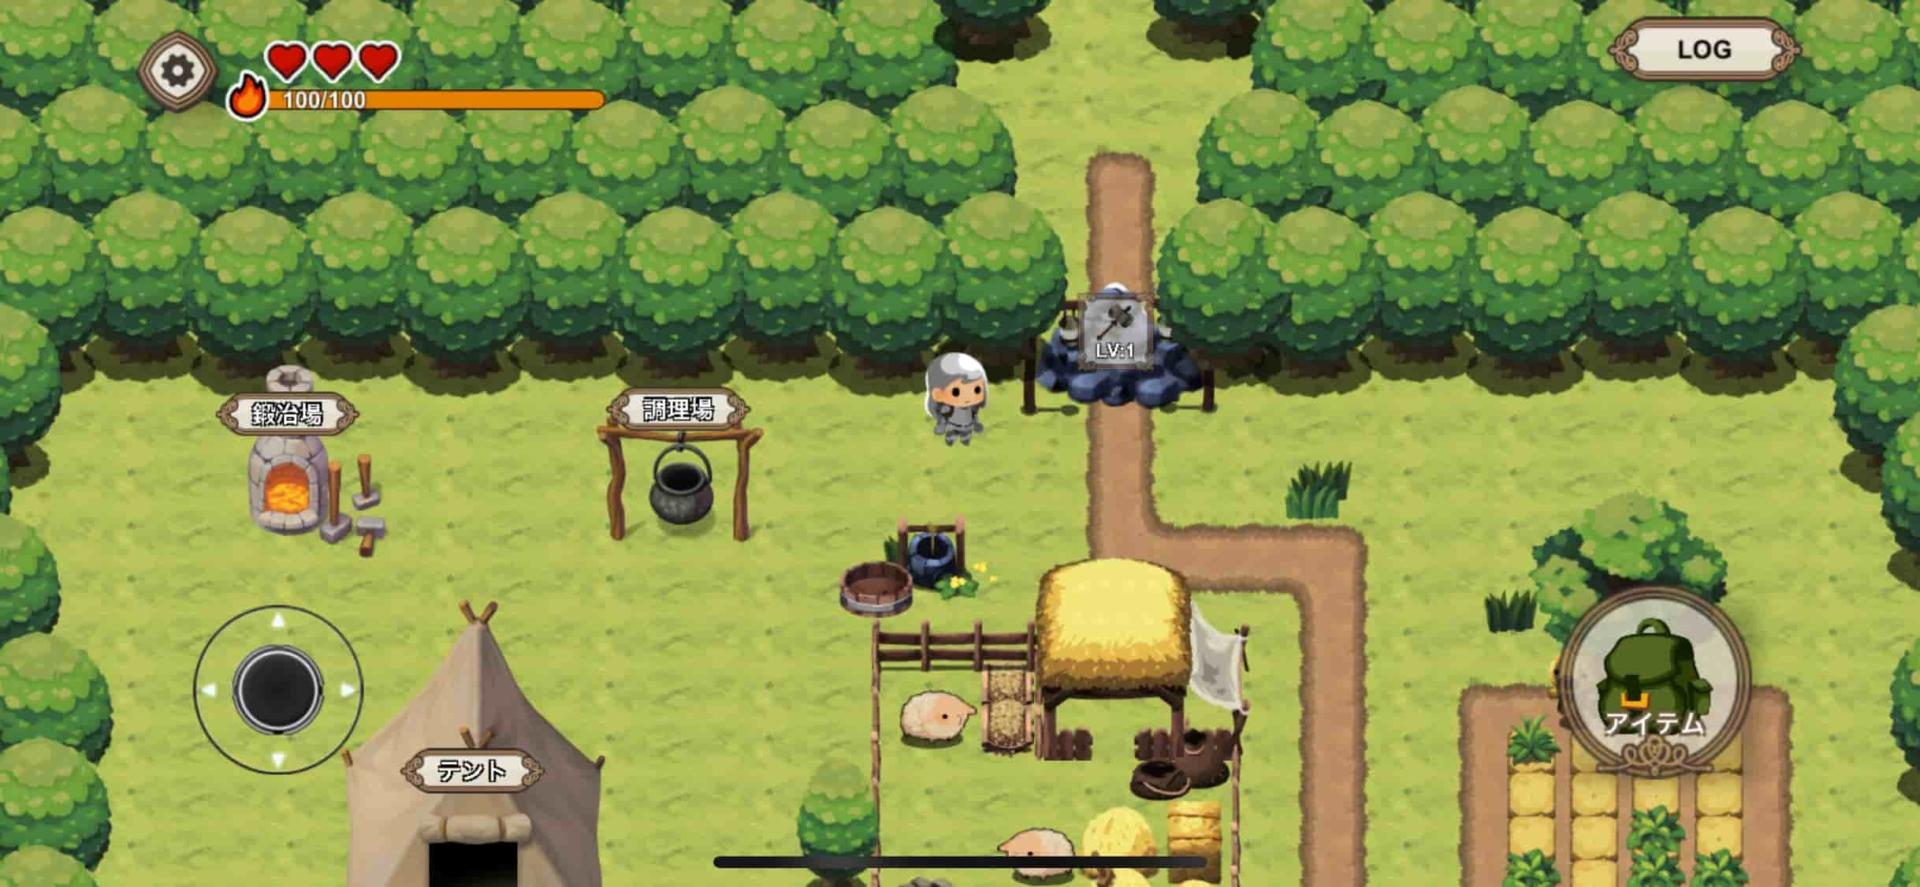 勇者の農園サバイバルの序盤攻略